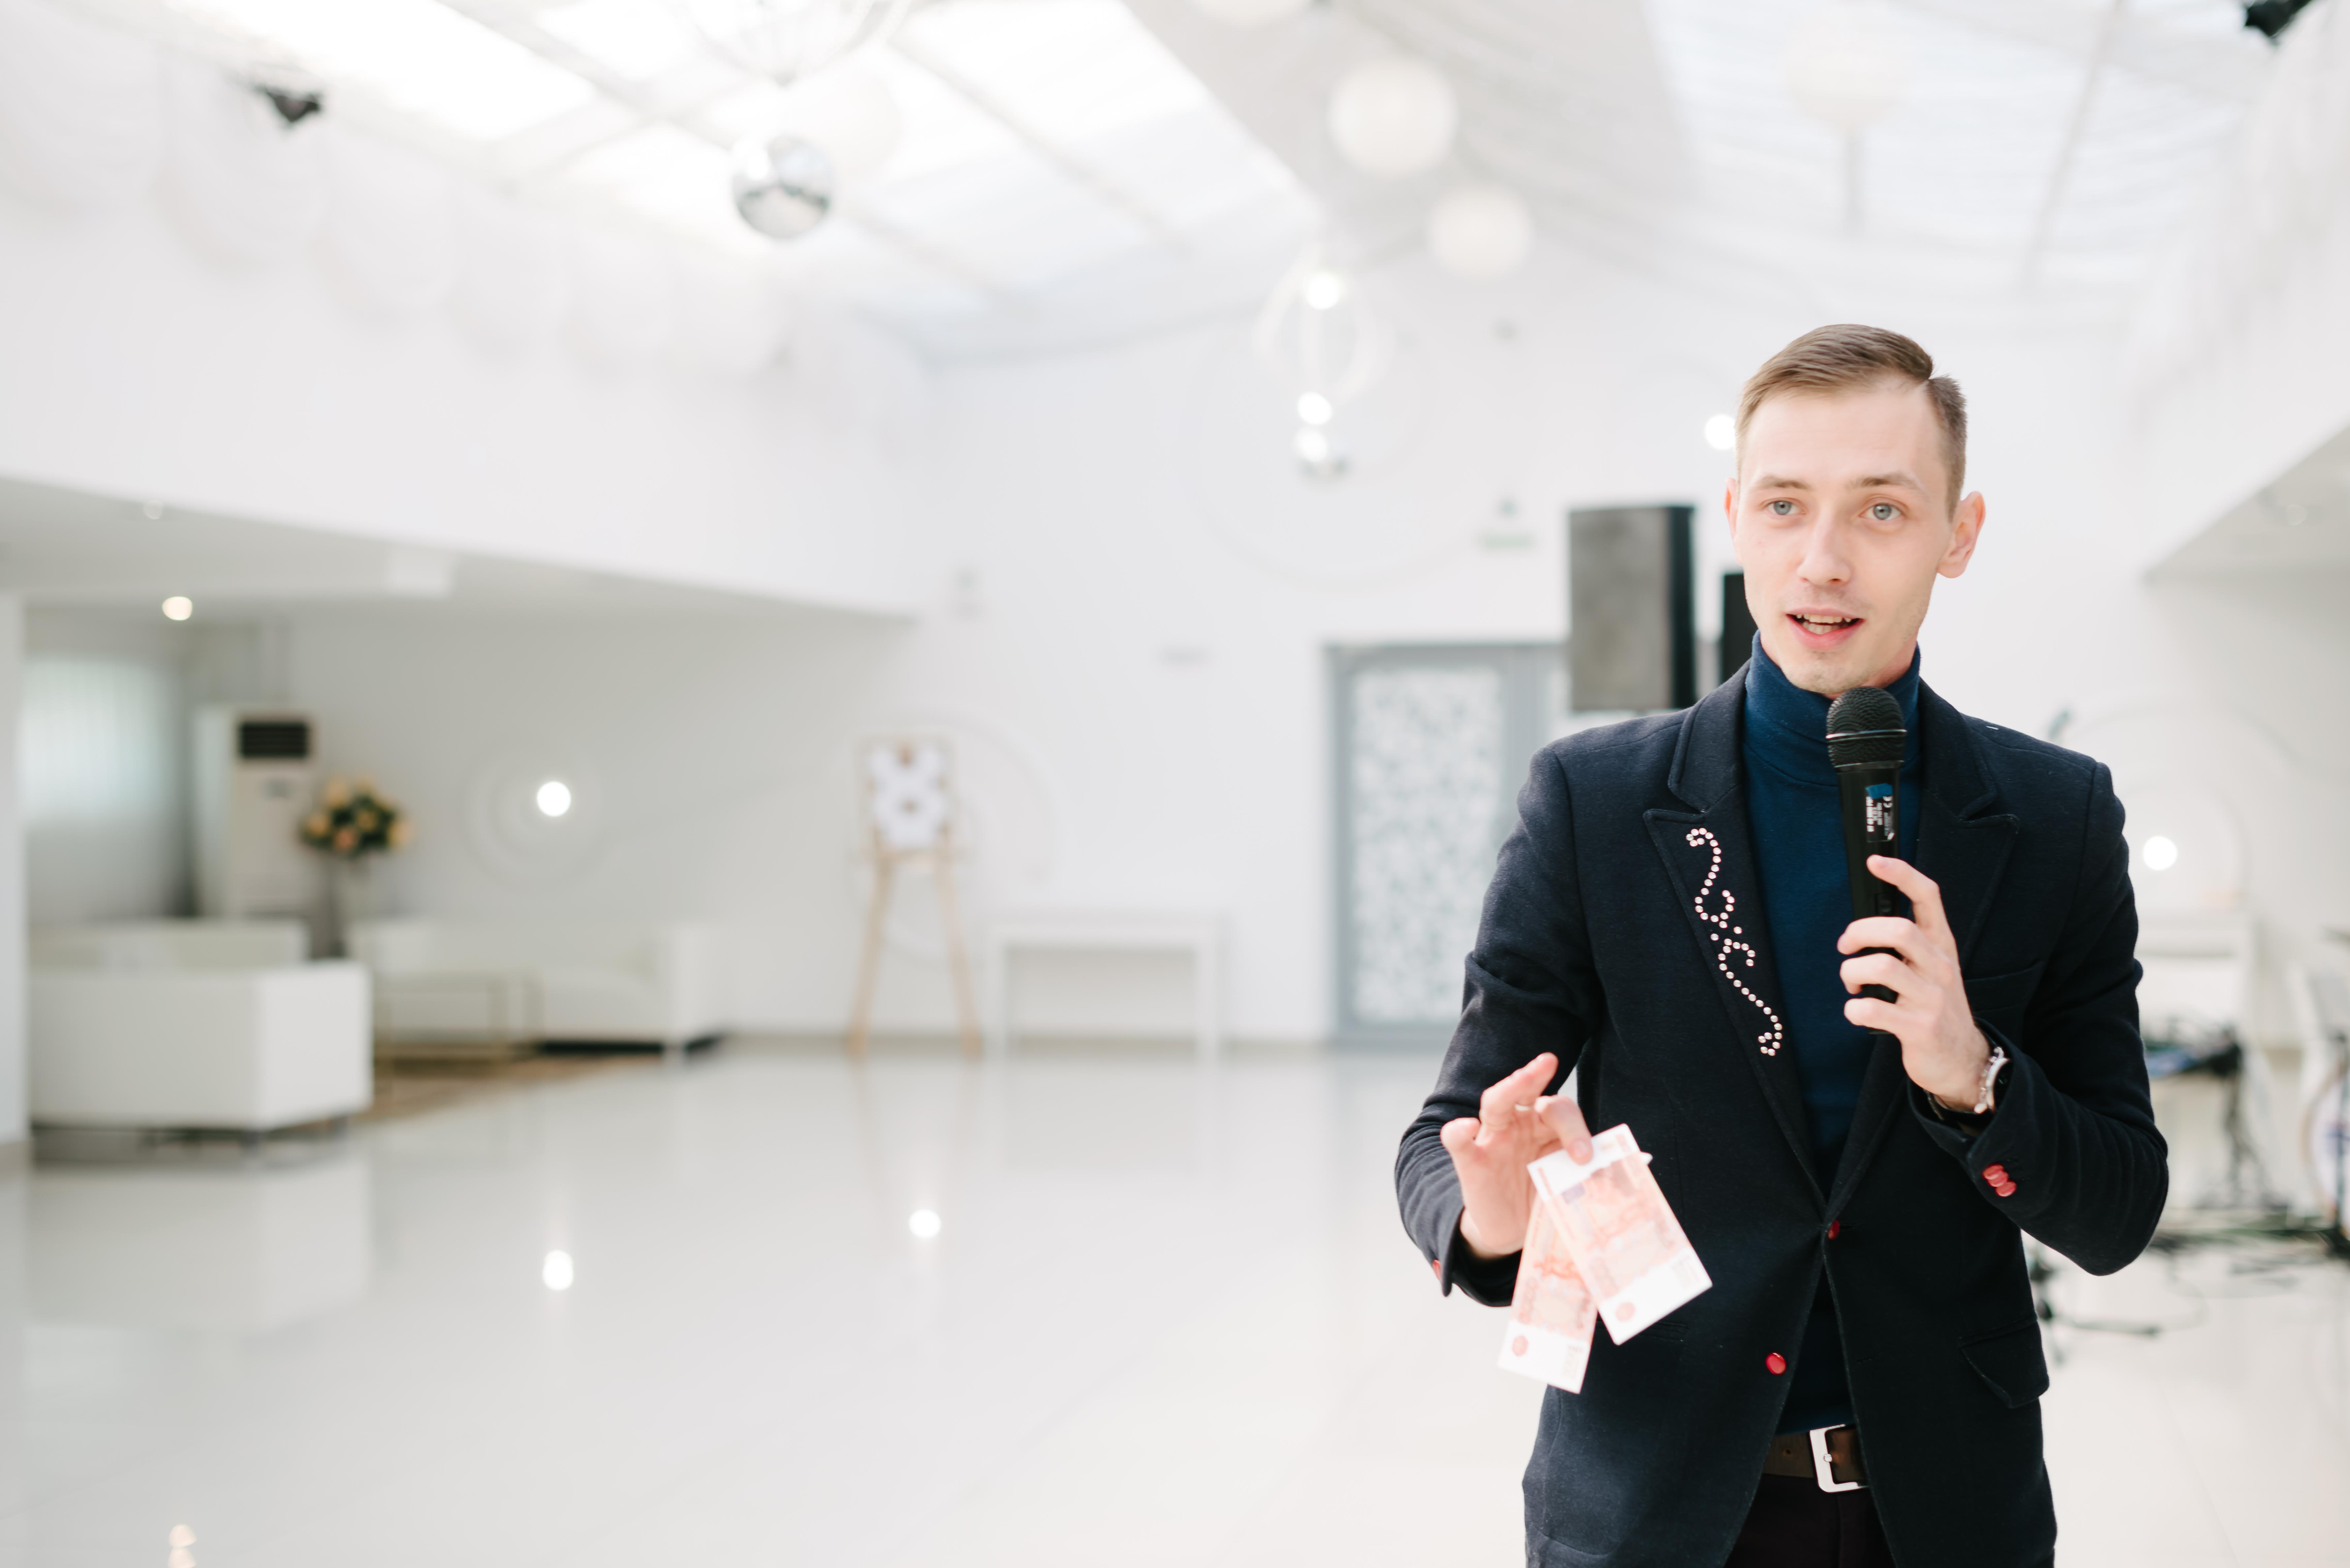 Дмитрий Демин, ведущий программы «Новый год 2020 на русский лад» в Германии 31 декабря 2019 года от агентства Artist Production